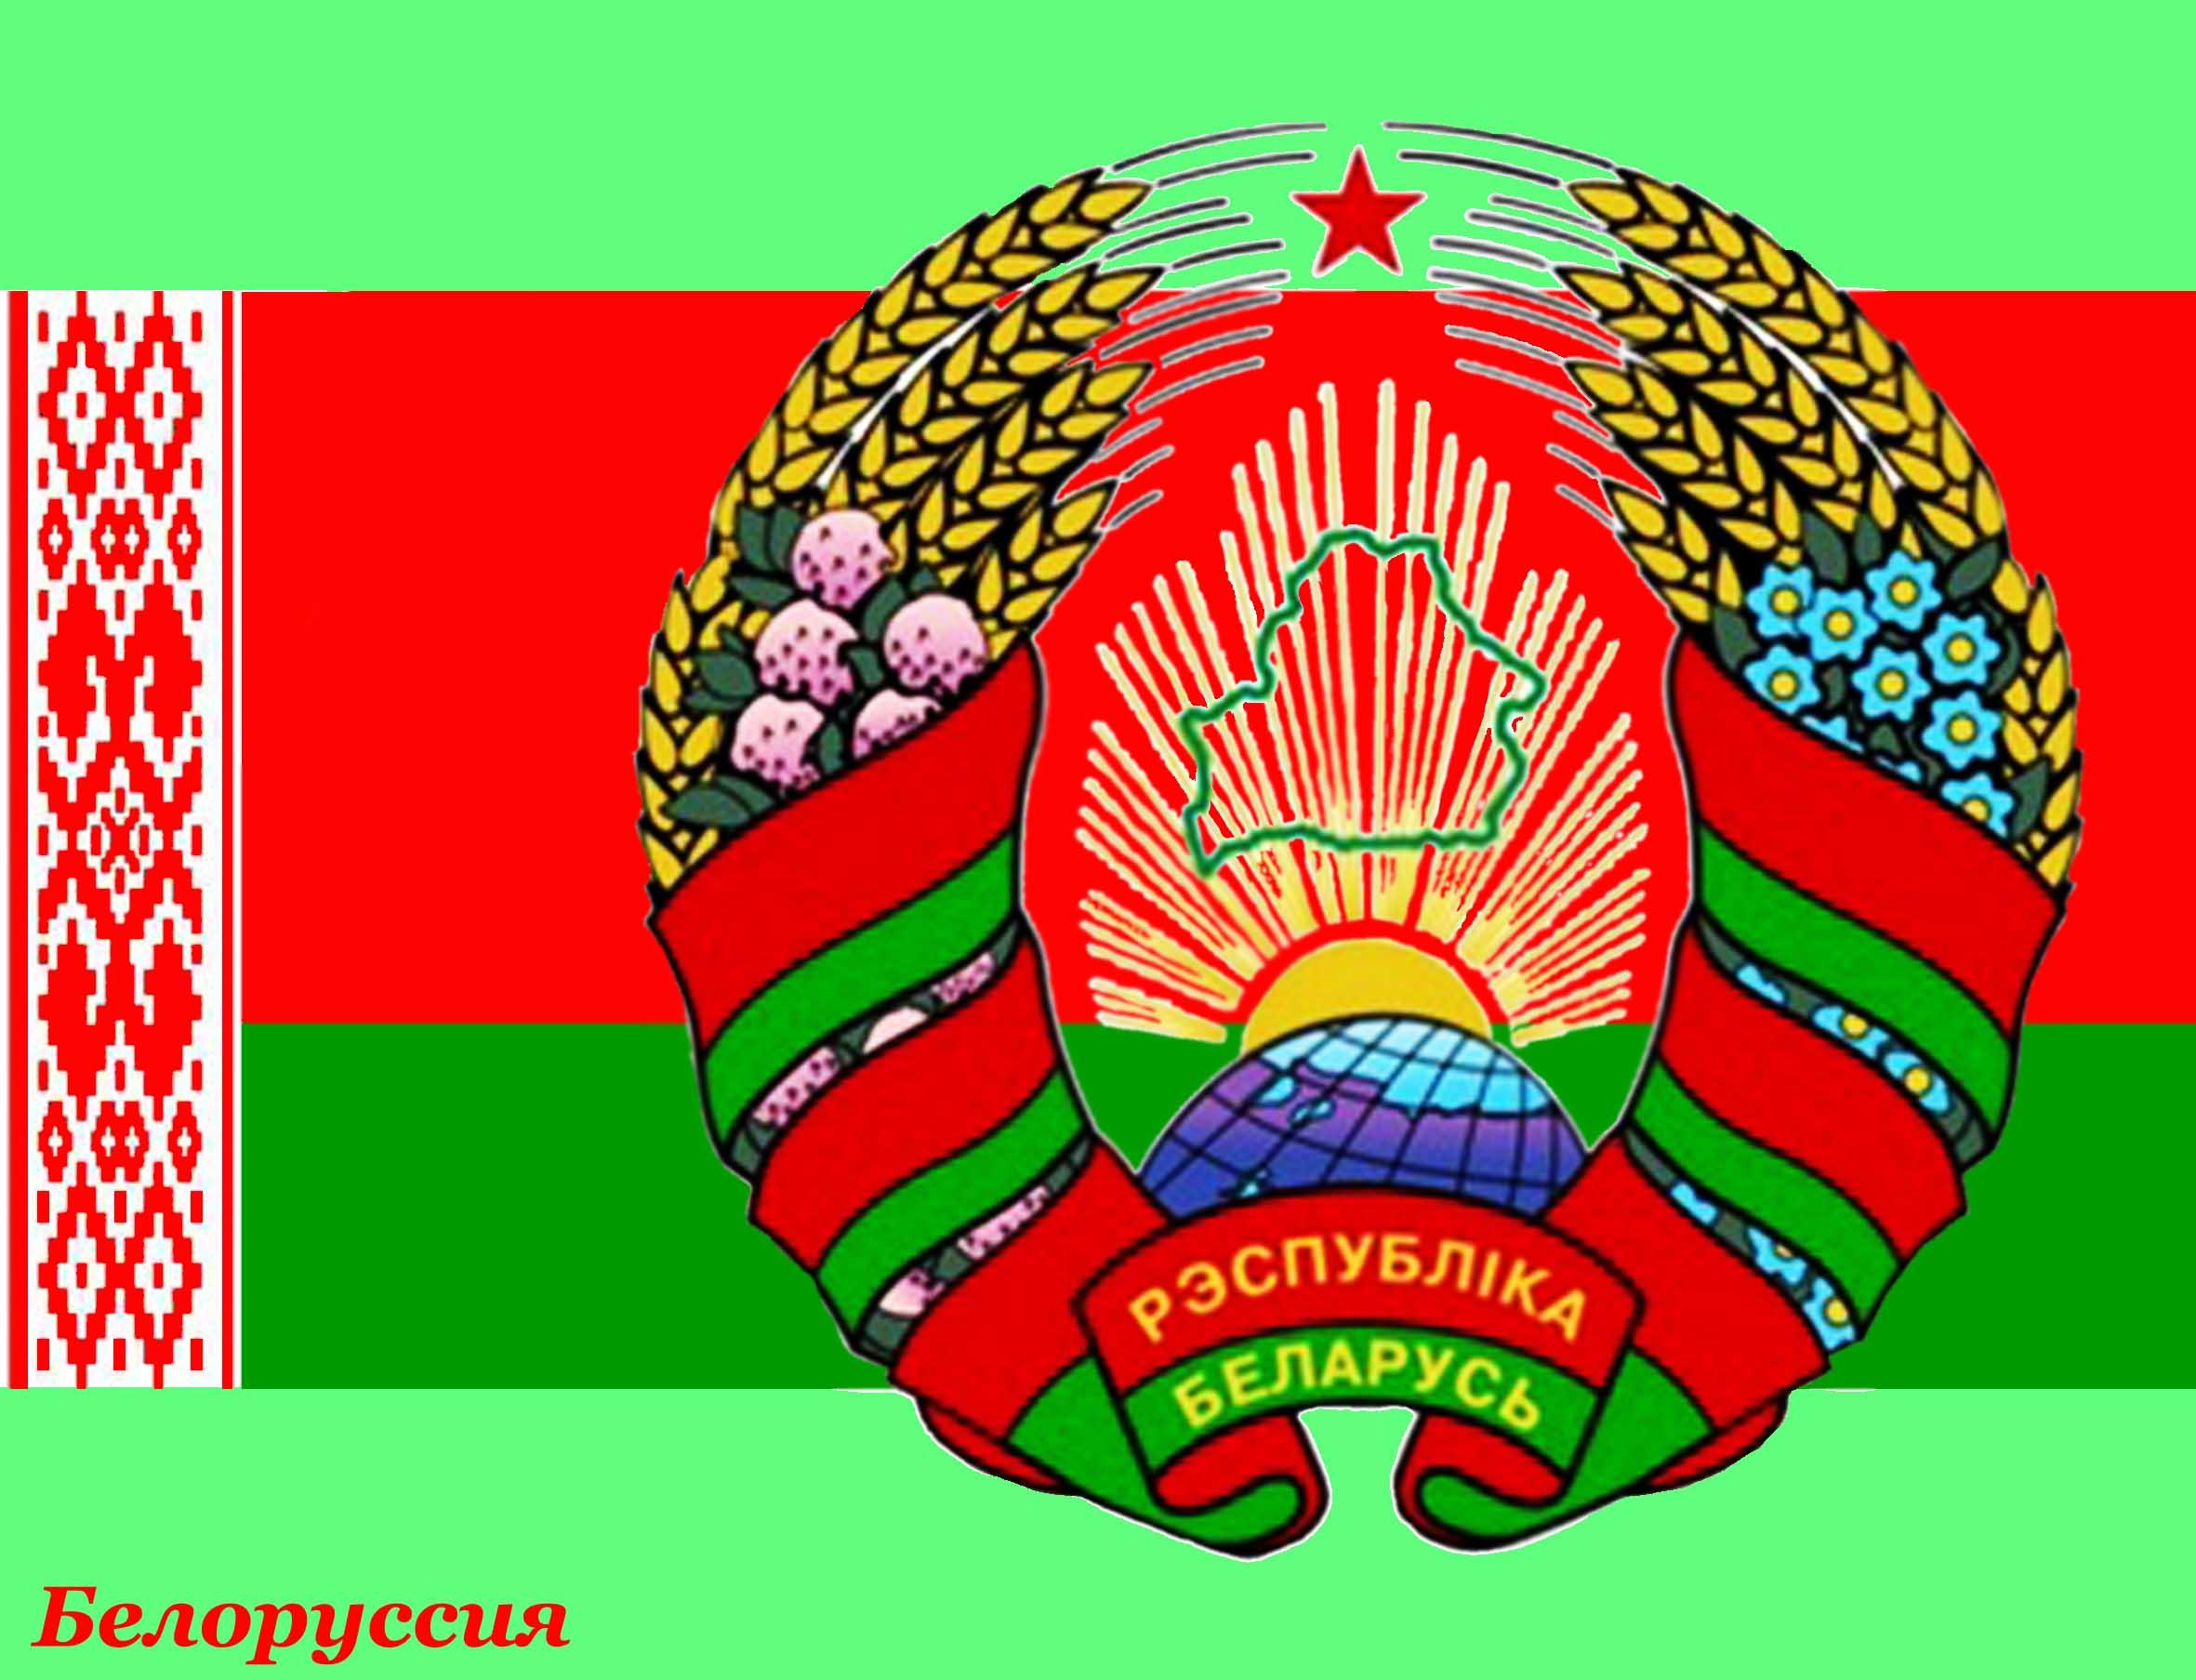 Современный герб белоруссии картинка 10